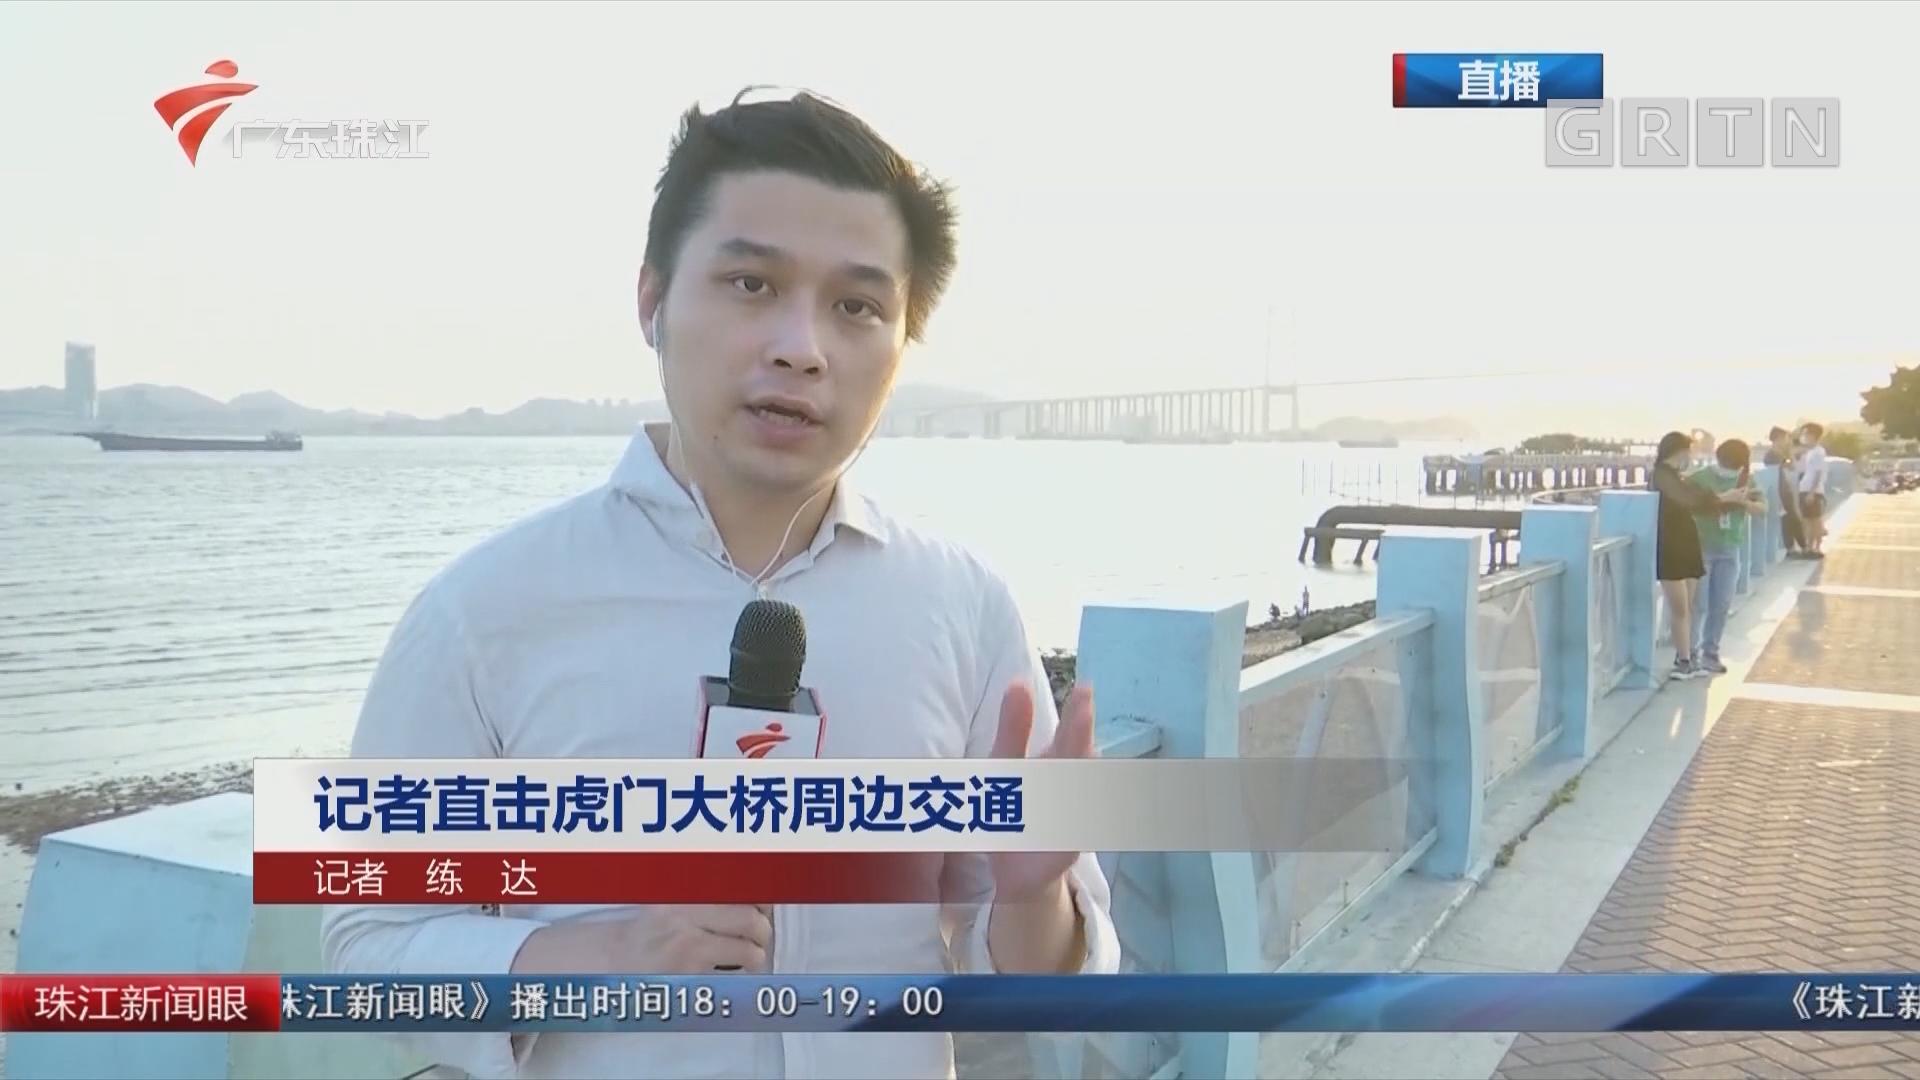 記者直擊虎門大橋周邊交通